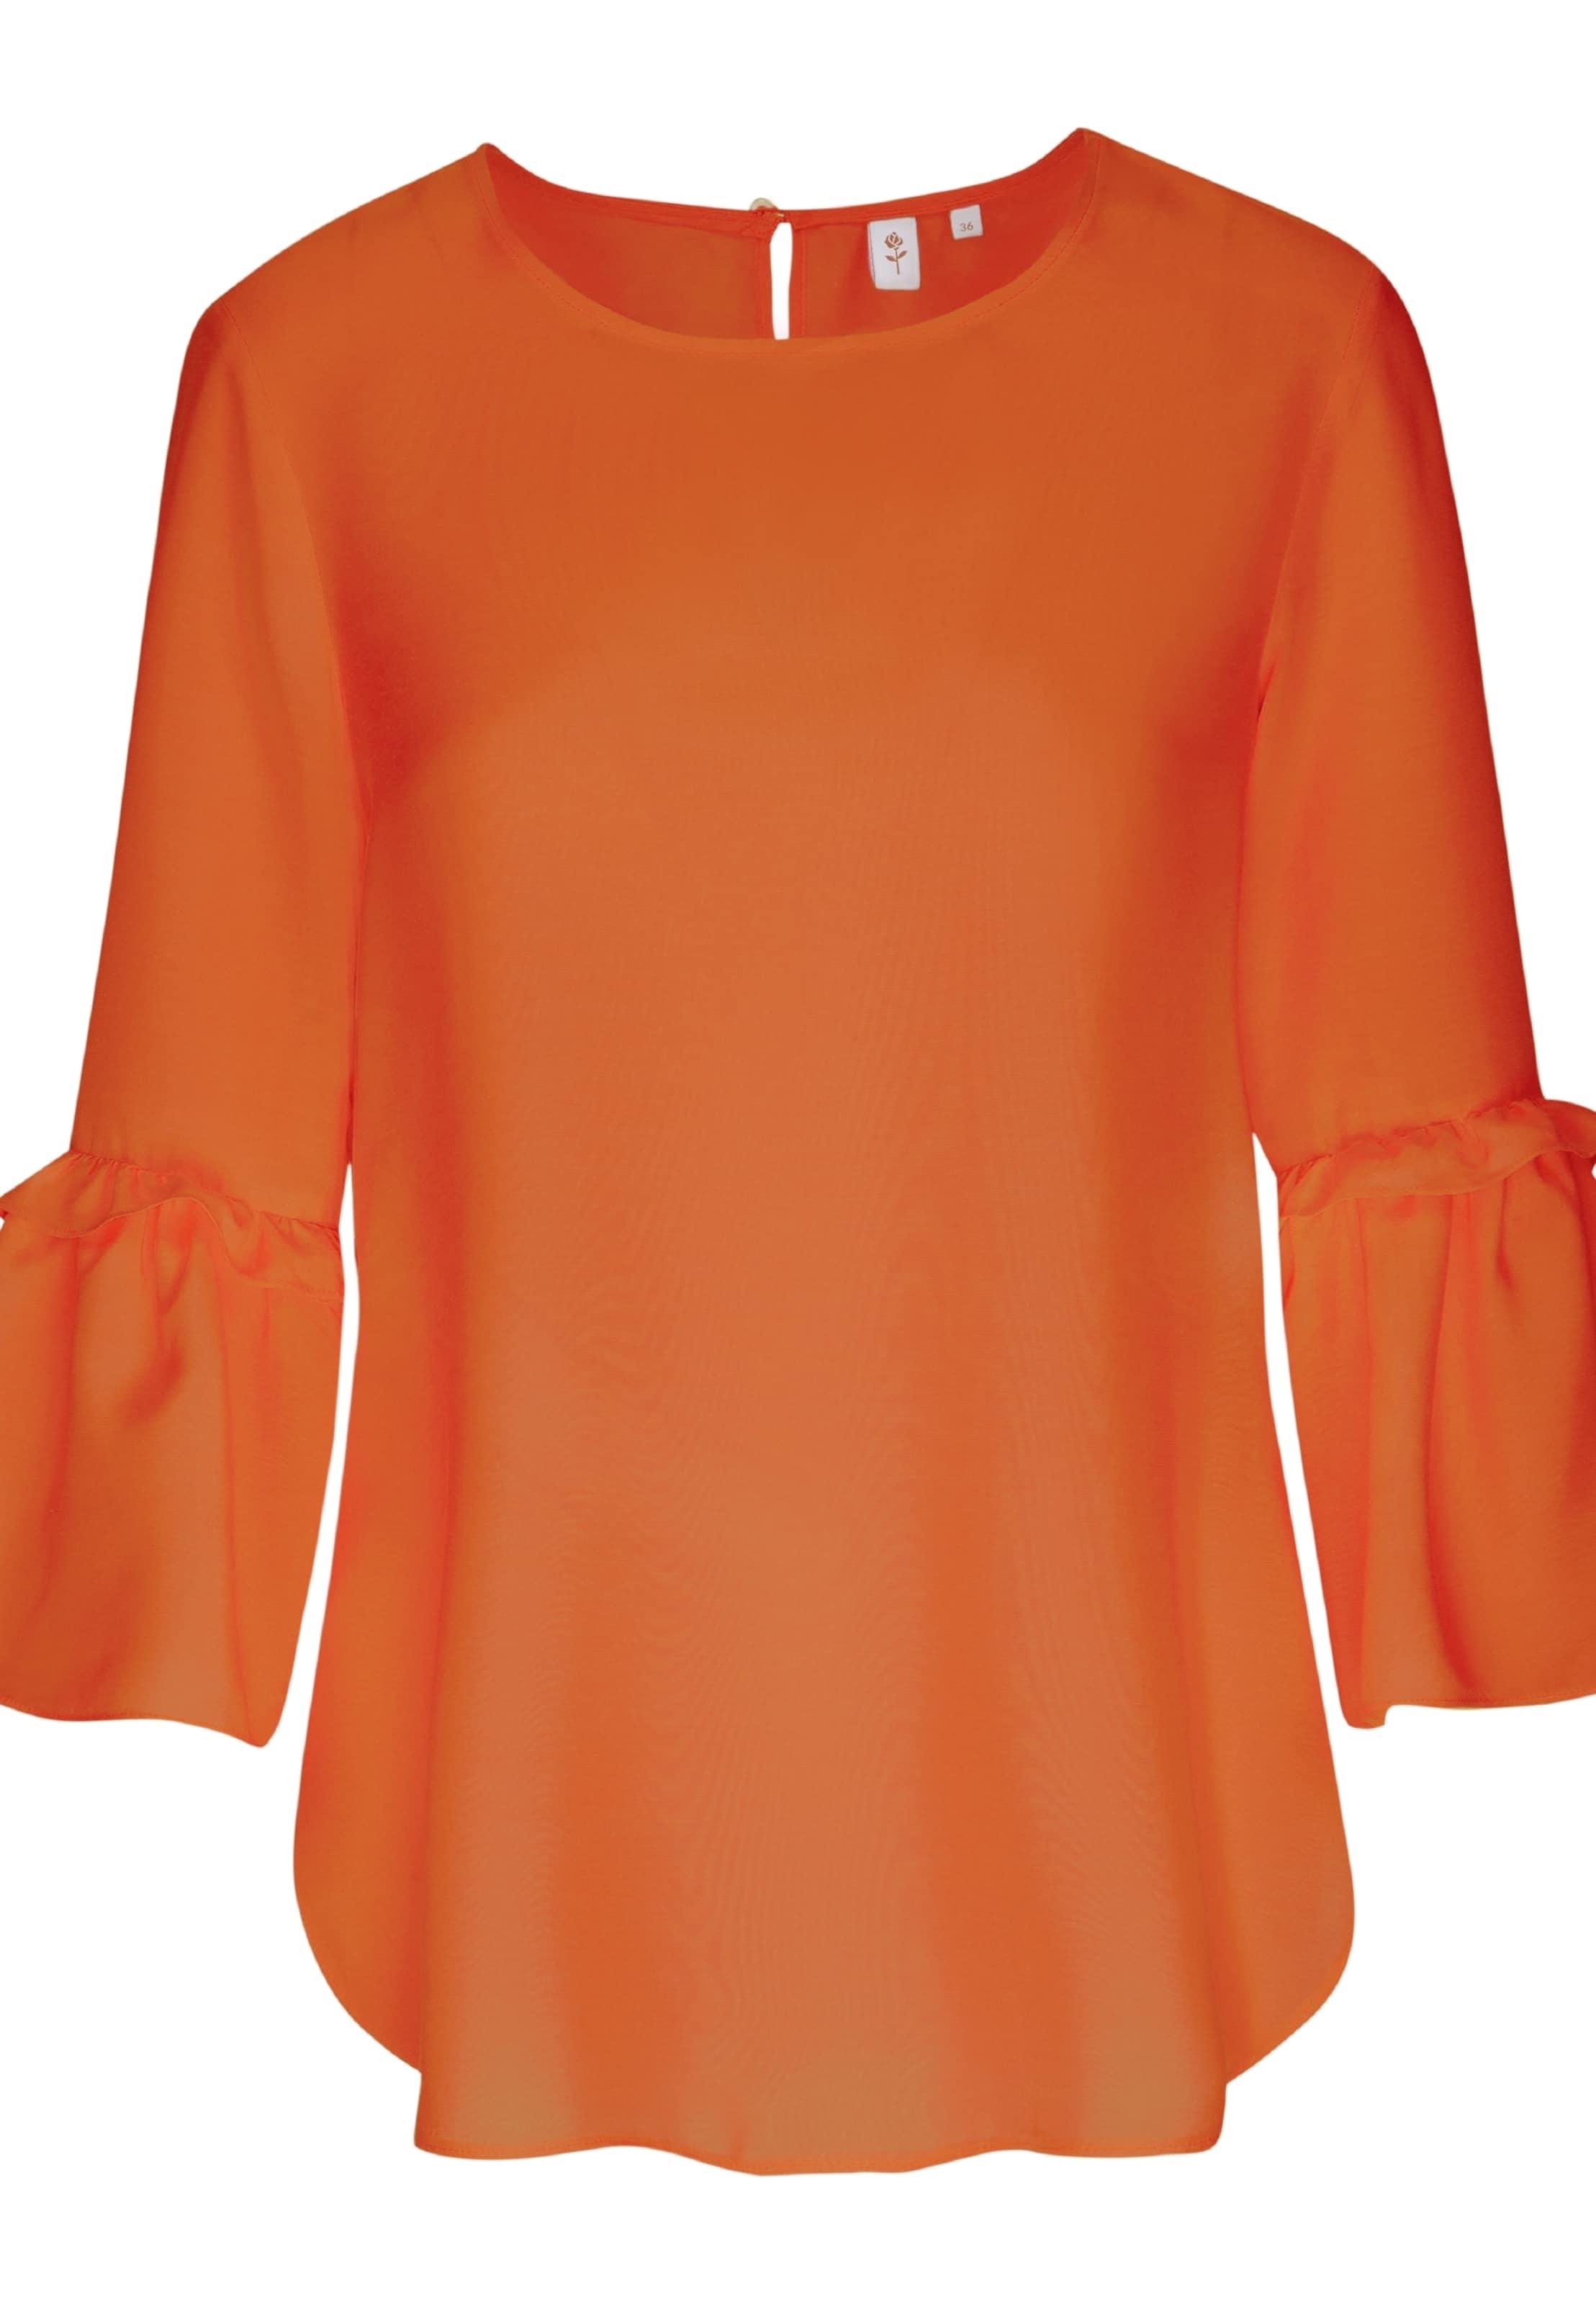 Sinaasappel Seidensticker Rose' Blouse In 'schwarze IEebWH2YD9